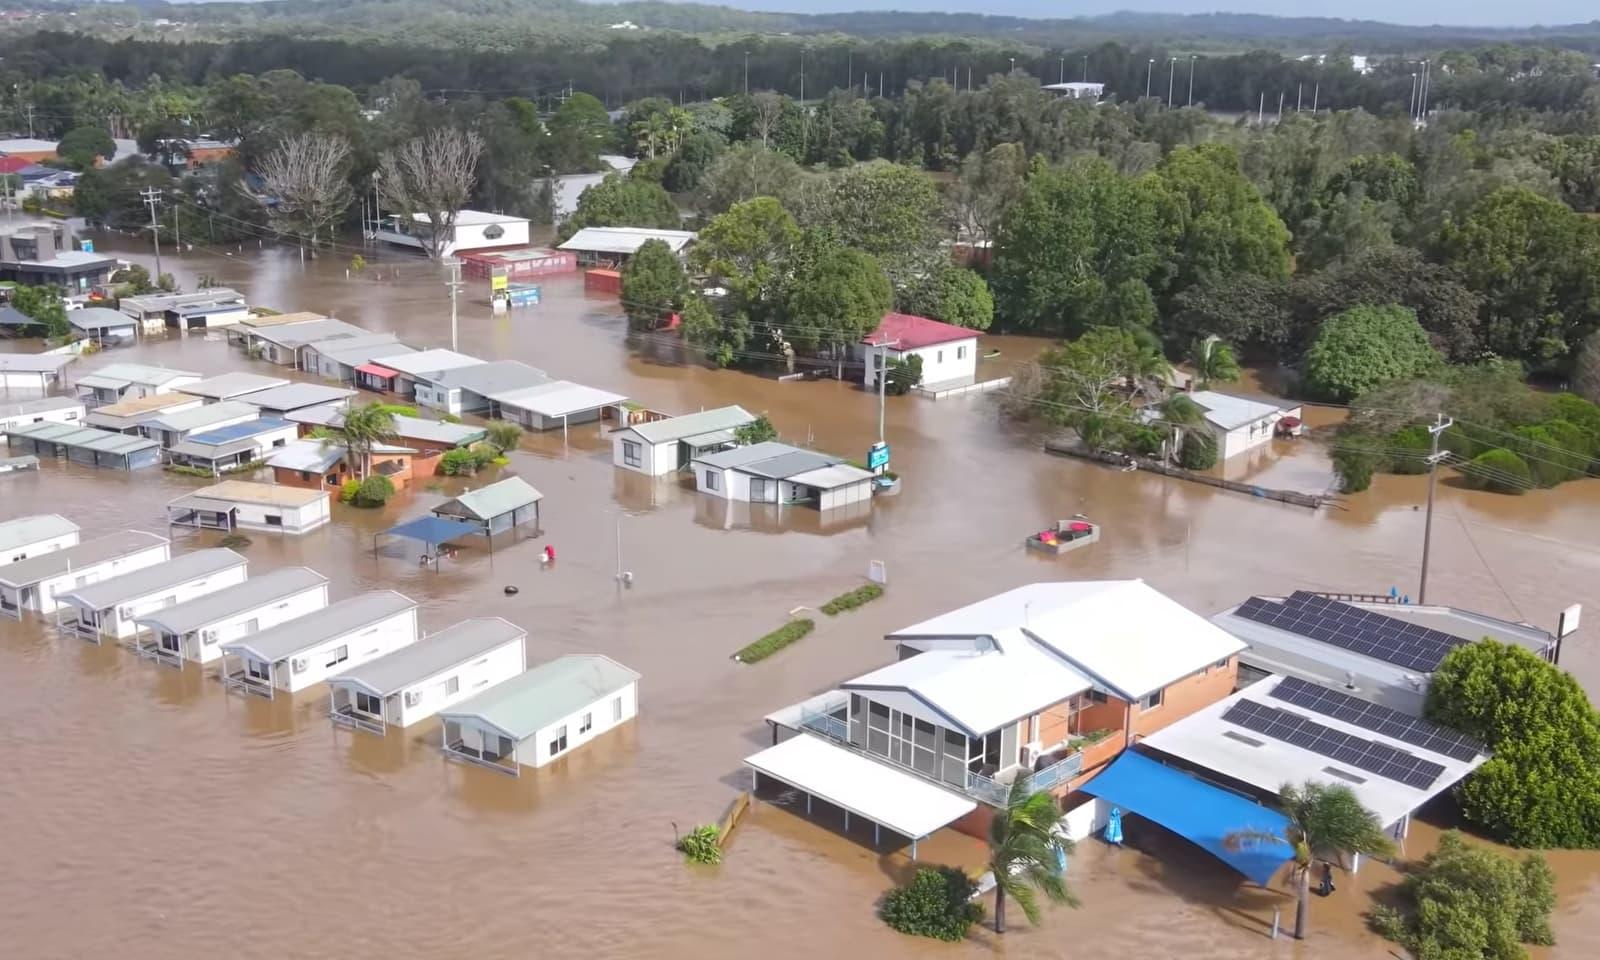 سڈنی میں سیلاب کے بعد نواحی علاقے میں کئی مکانات پانی میں ڈوبے ہوئے ہیں — فوٹو: رائٹرز